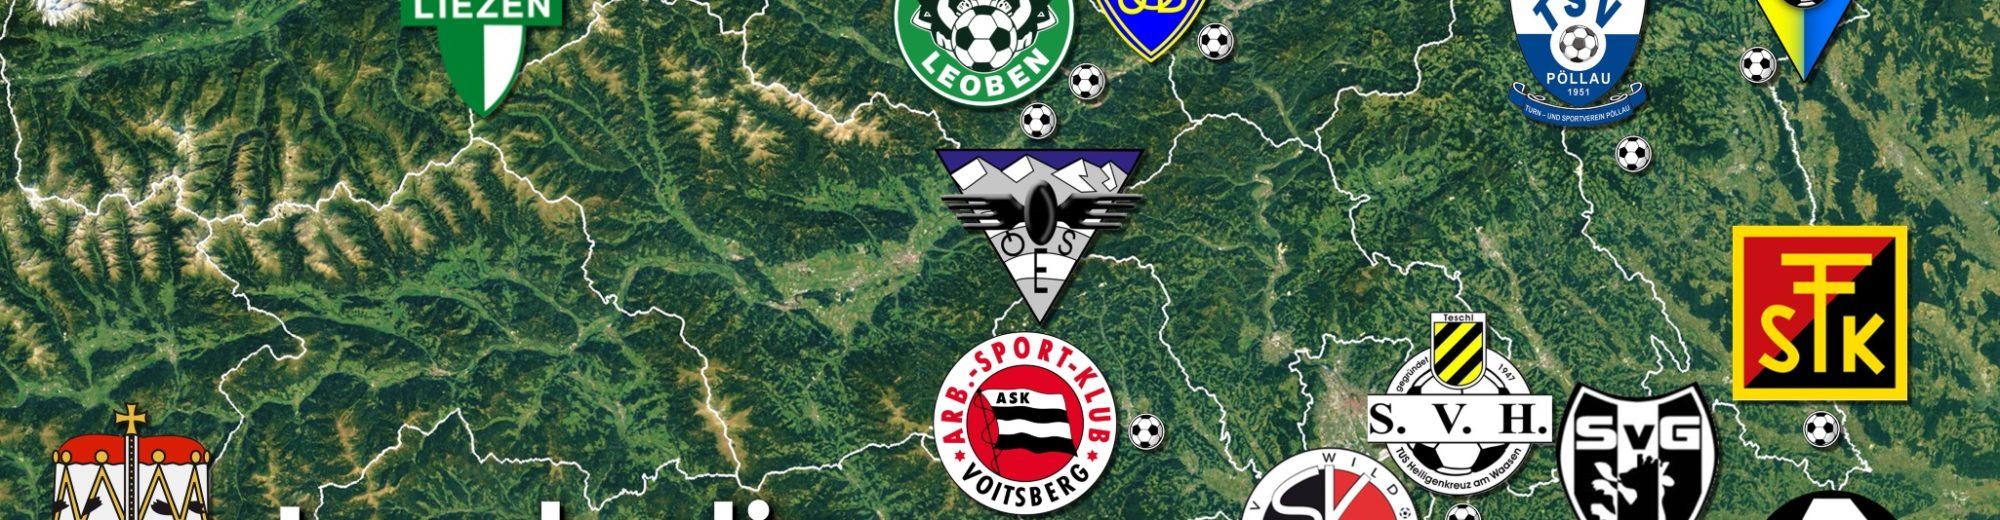 Steirische Landesliga, Fußball in Graz-Umgebung, ELO und Statistiken